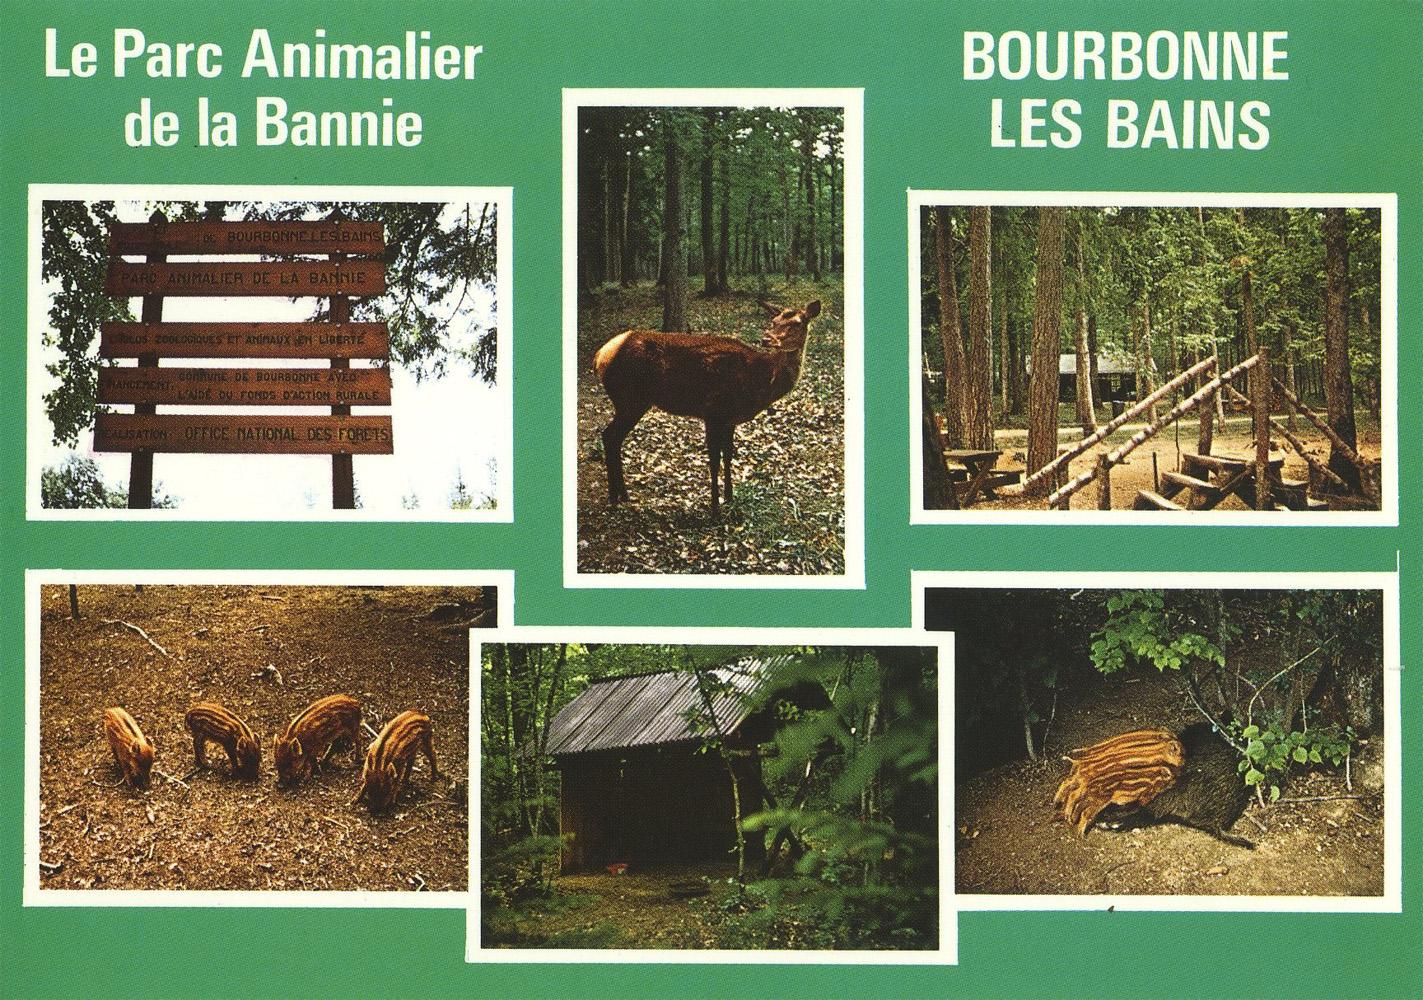 Les zoos dans le monde parc animalier de la bannie for Parc animalier dans les yvelines